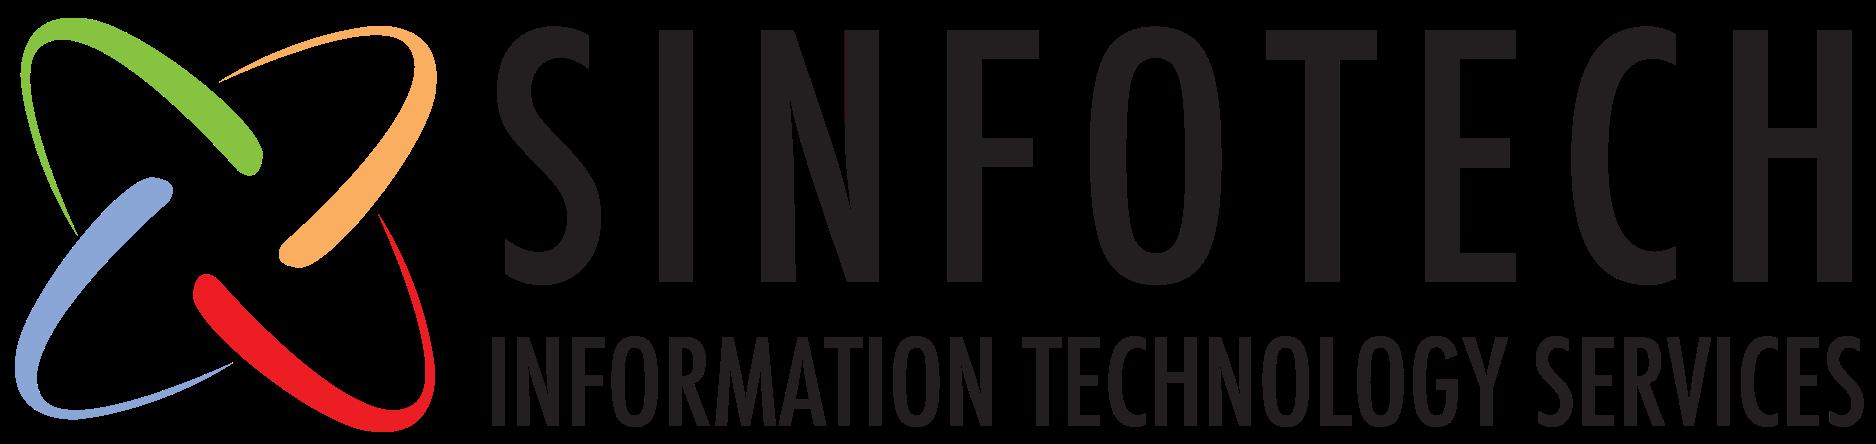 sinfotech logo